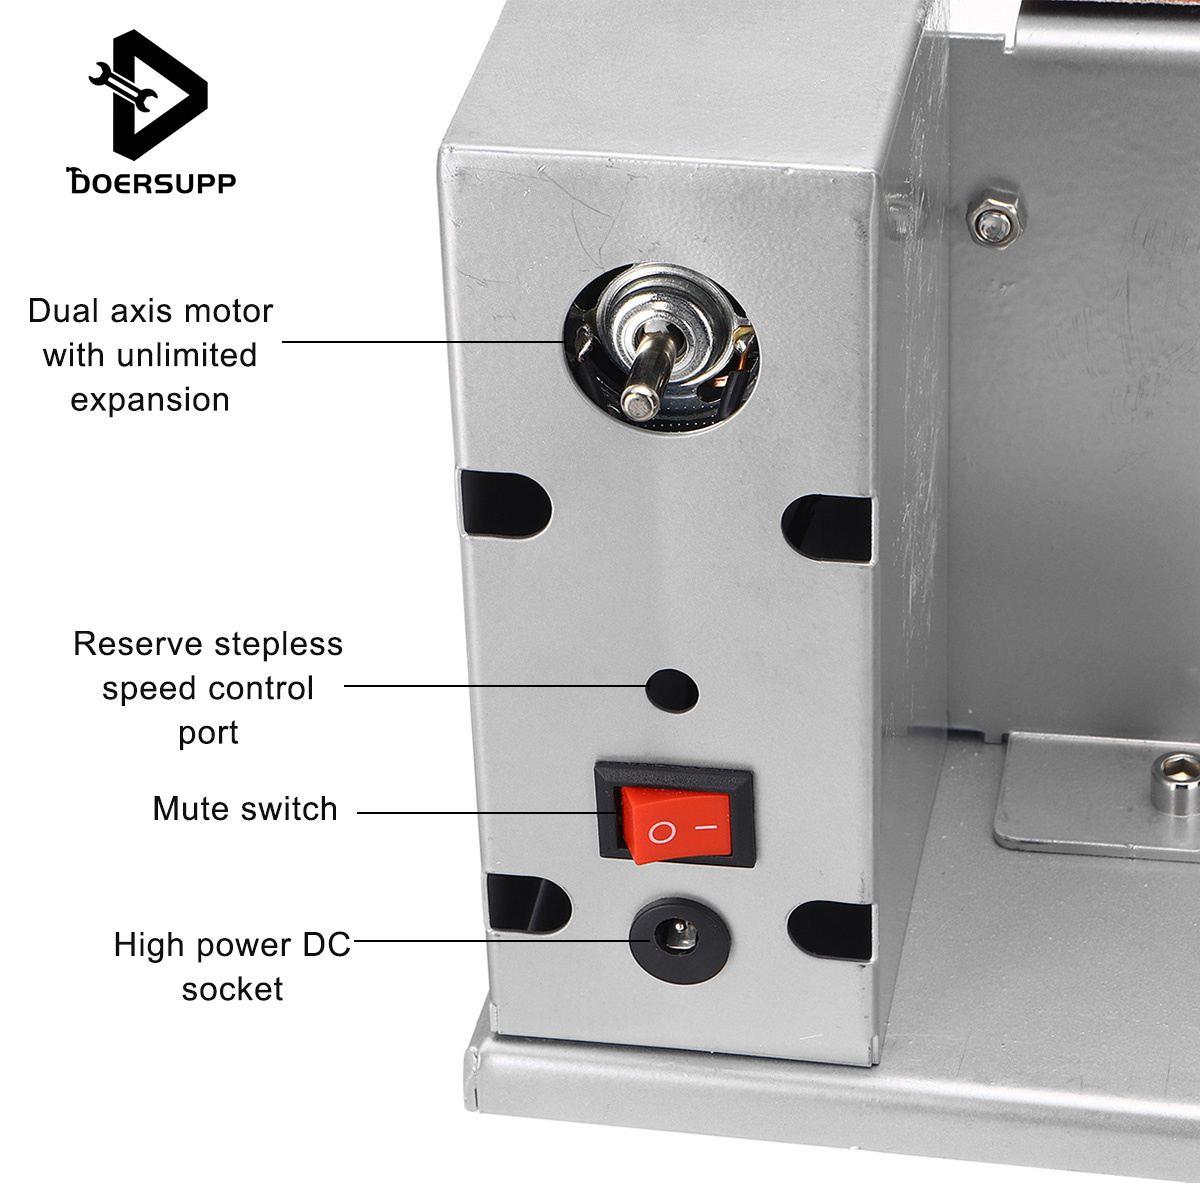 Mini Winkel Grinder Elektrische Gürtel Sander mit Adapter 3cm Polieren Schleifen Maschine Cutter Kanten Spitzer Gürtel Grinder 110/ 220V